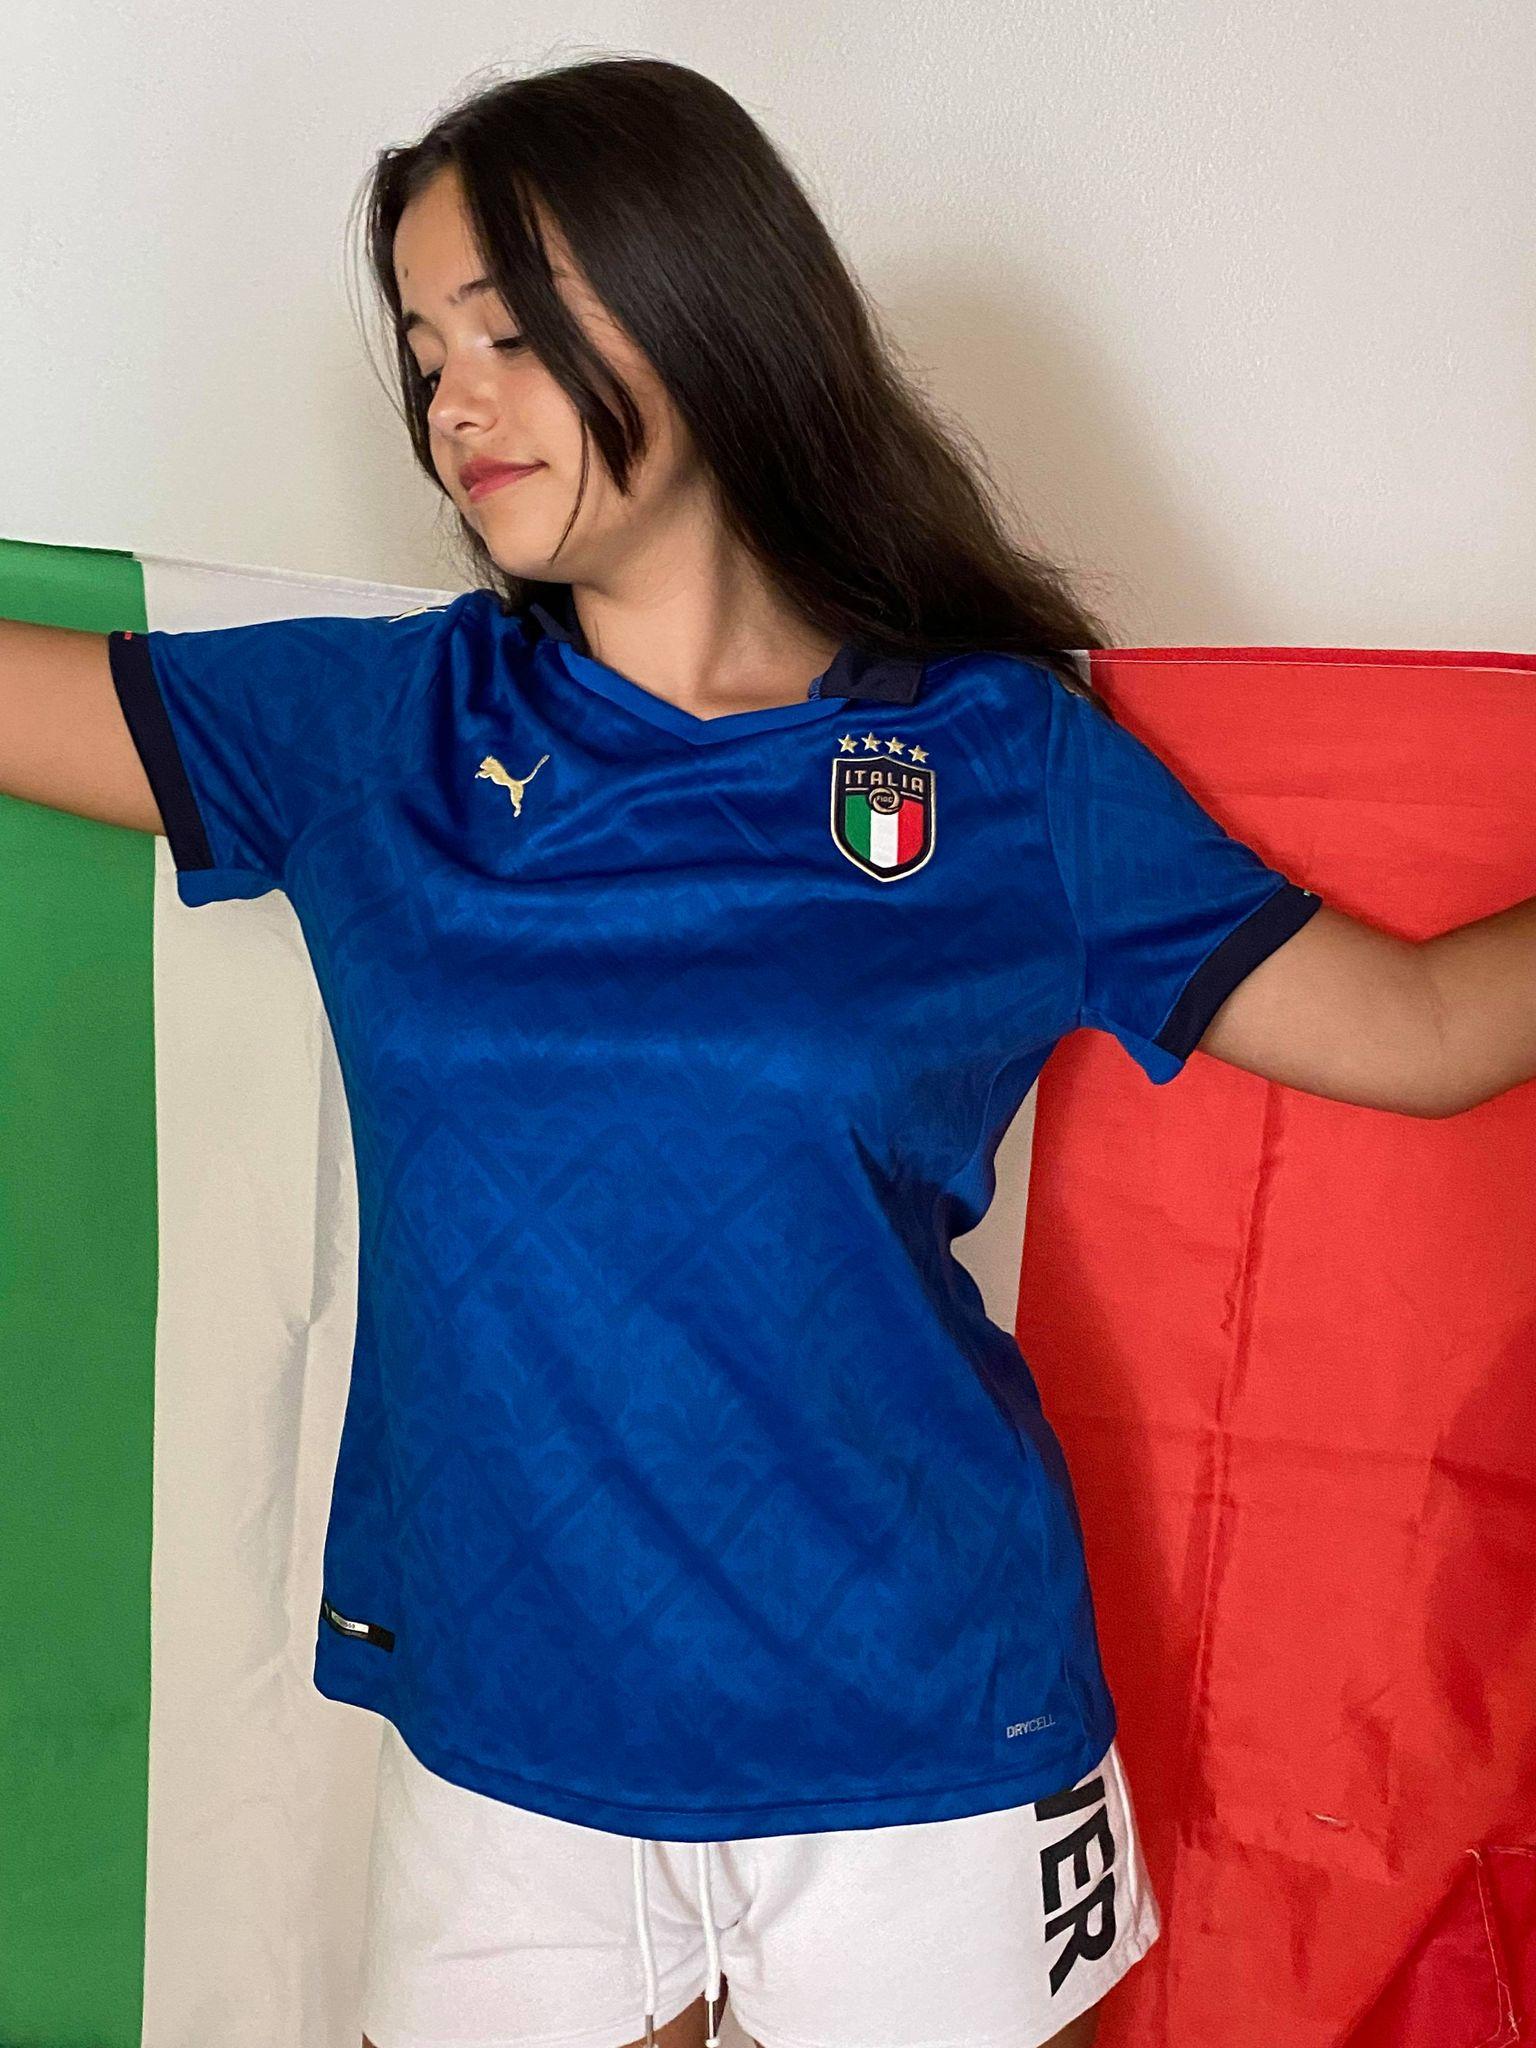 Giulia Vince la nuova maglia della Nazionale italiana di calcio Euro 2020